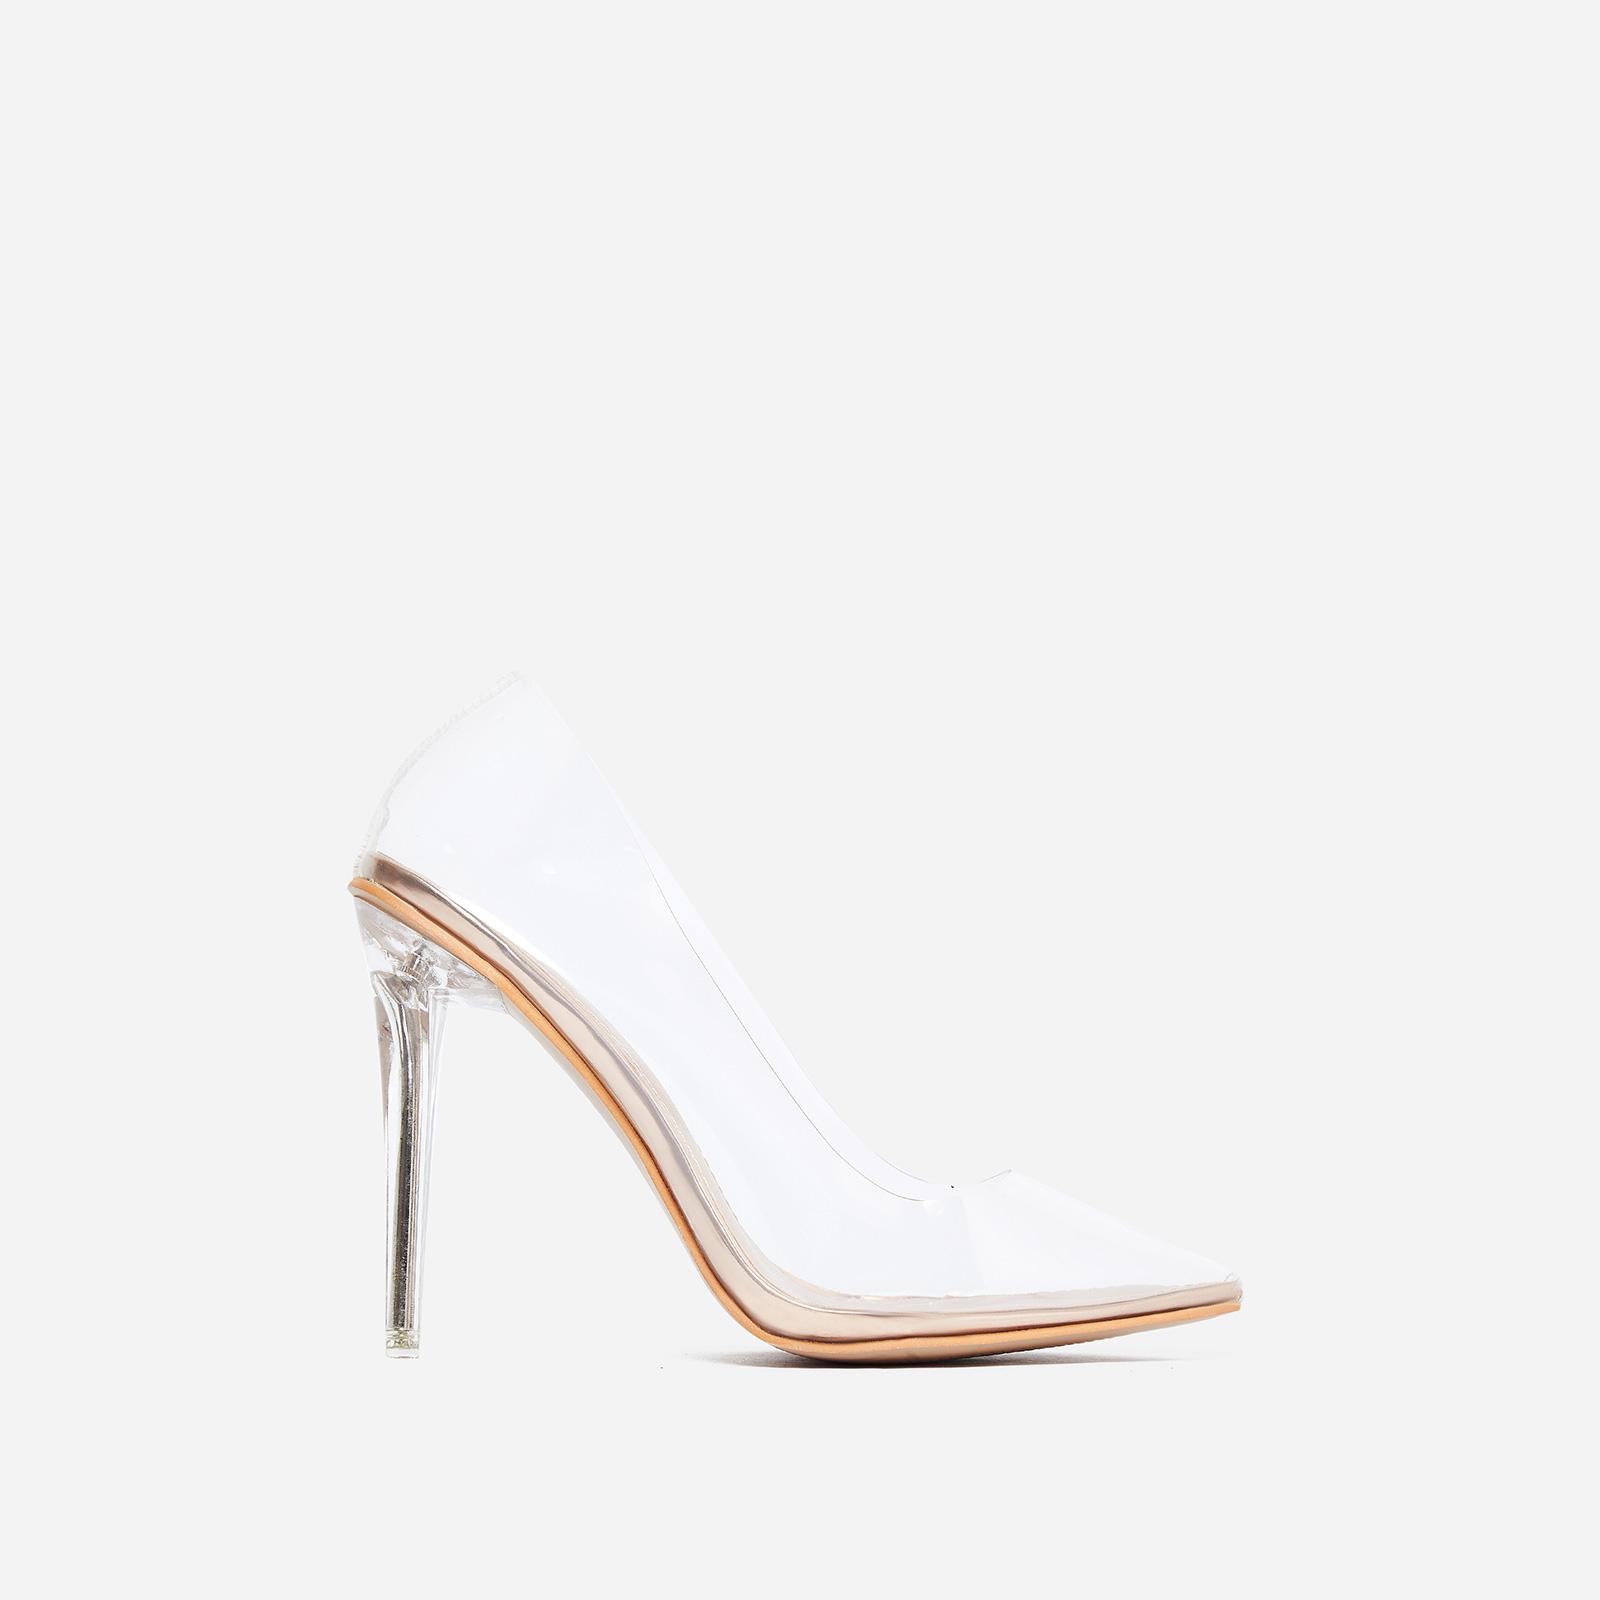 91dc9ec5d50 Virginia Perspex Court Heel In Rose Gold Patent